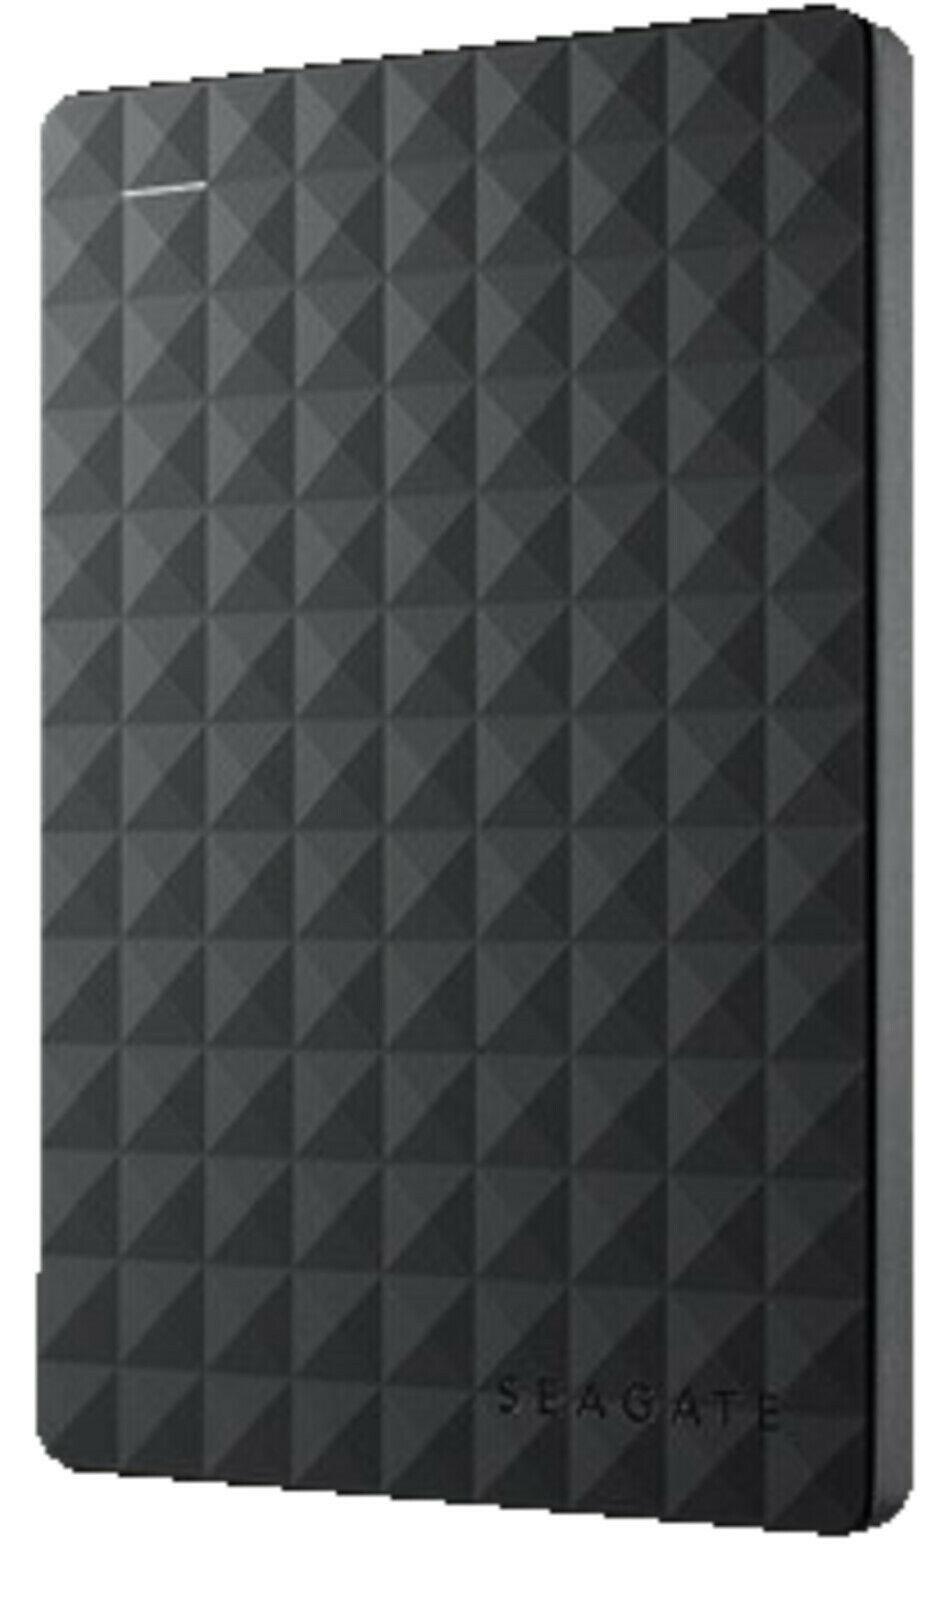 Bild zu 2,5 Zoll externe 5 TB Festplatte Seagate Expansion+ für 91€ (Vergleich: 131,03€)